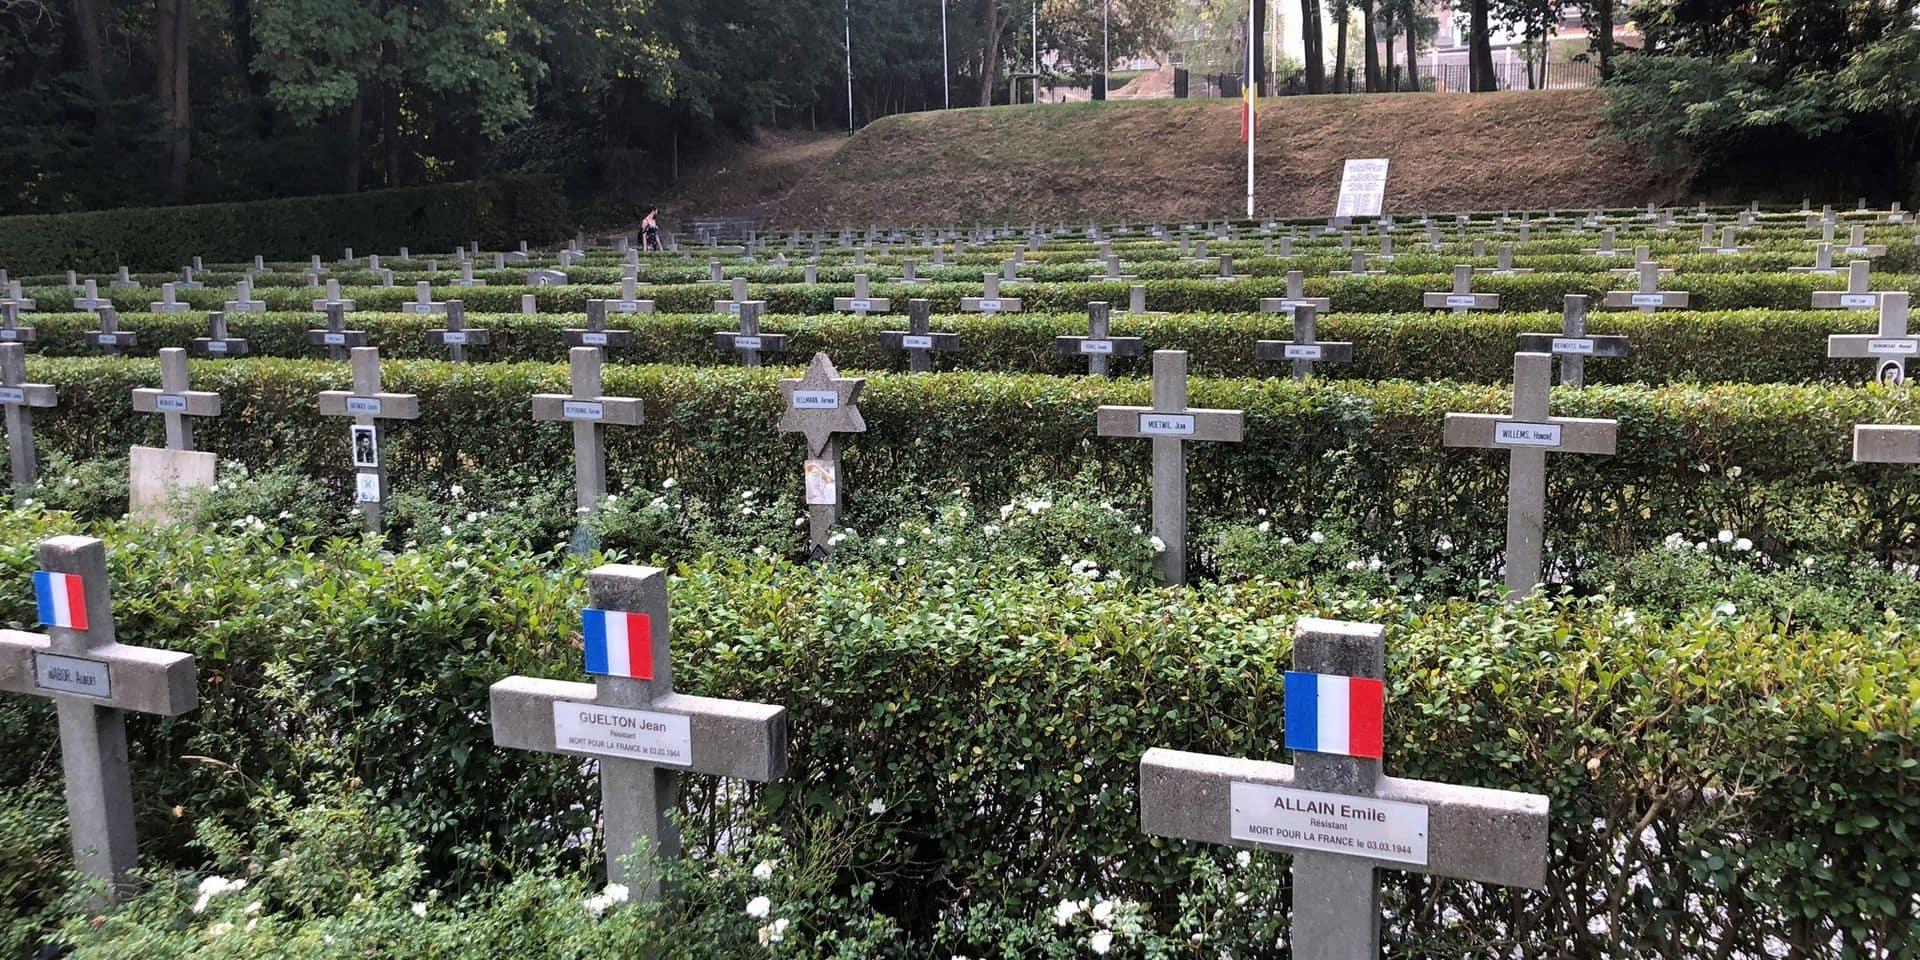 L'Enclos des fusillés, un cimetière bruxellois méconnu en l'honneur des résistants